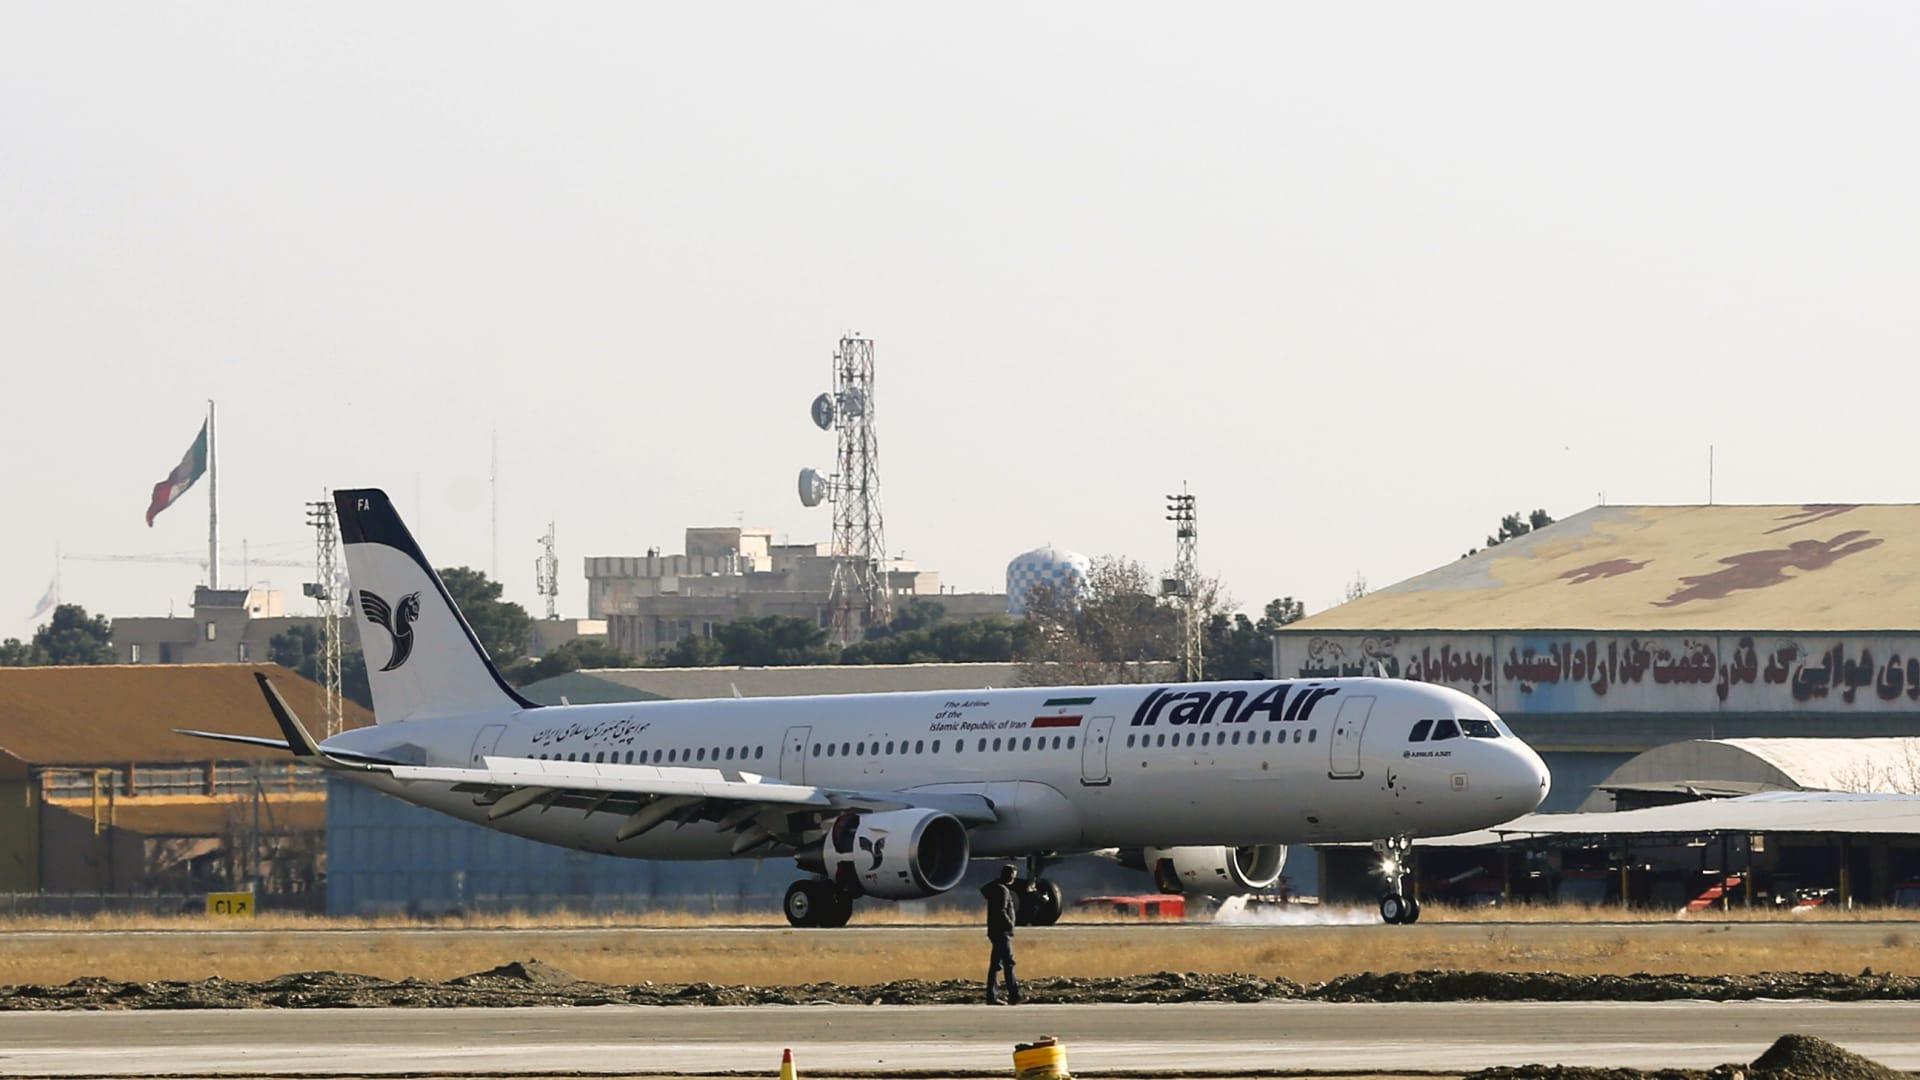 إيران: إحباط محاولة اختطاف طائرة ركاب.. ومنفذ المؤامرة كان يعتزم الهبوط في دولة خليجية